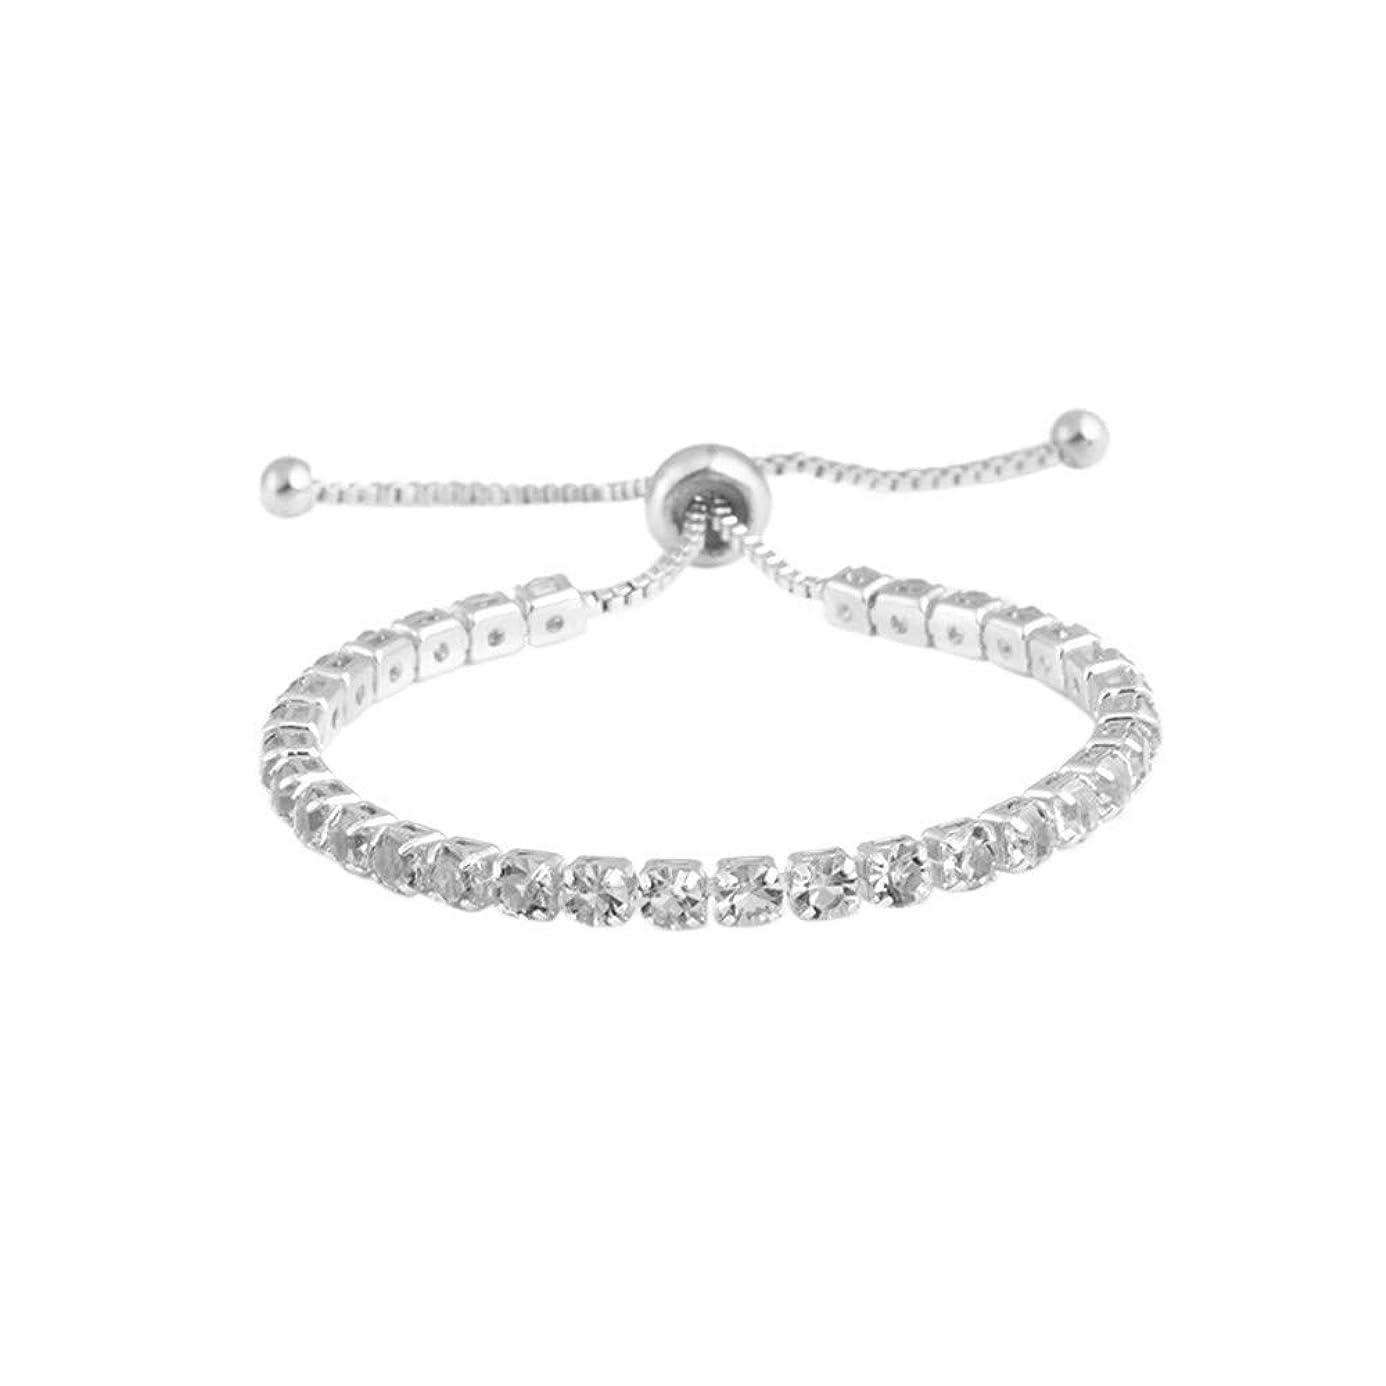 DZTZ Adjustable Bracelet,Simple Diamond Bracelet with Adjustable Crystal Push Pull Bracelet Bling Light for Girl Mother